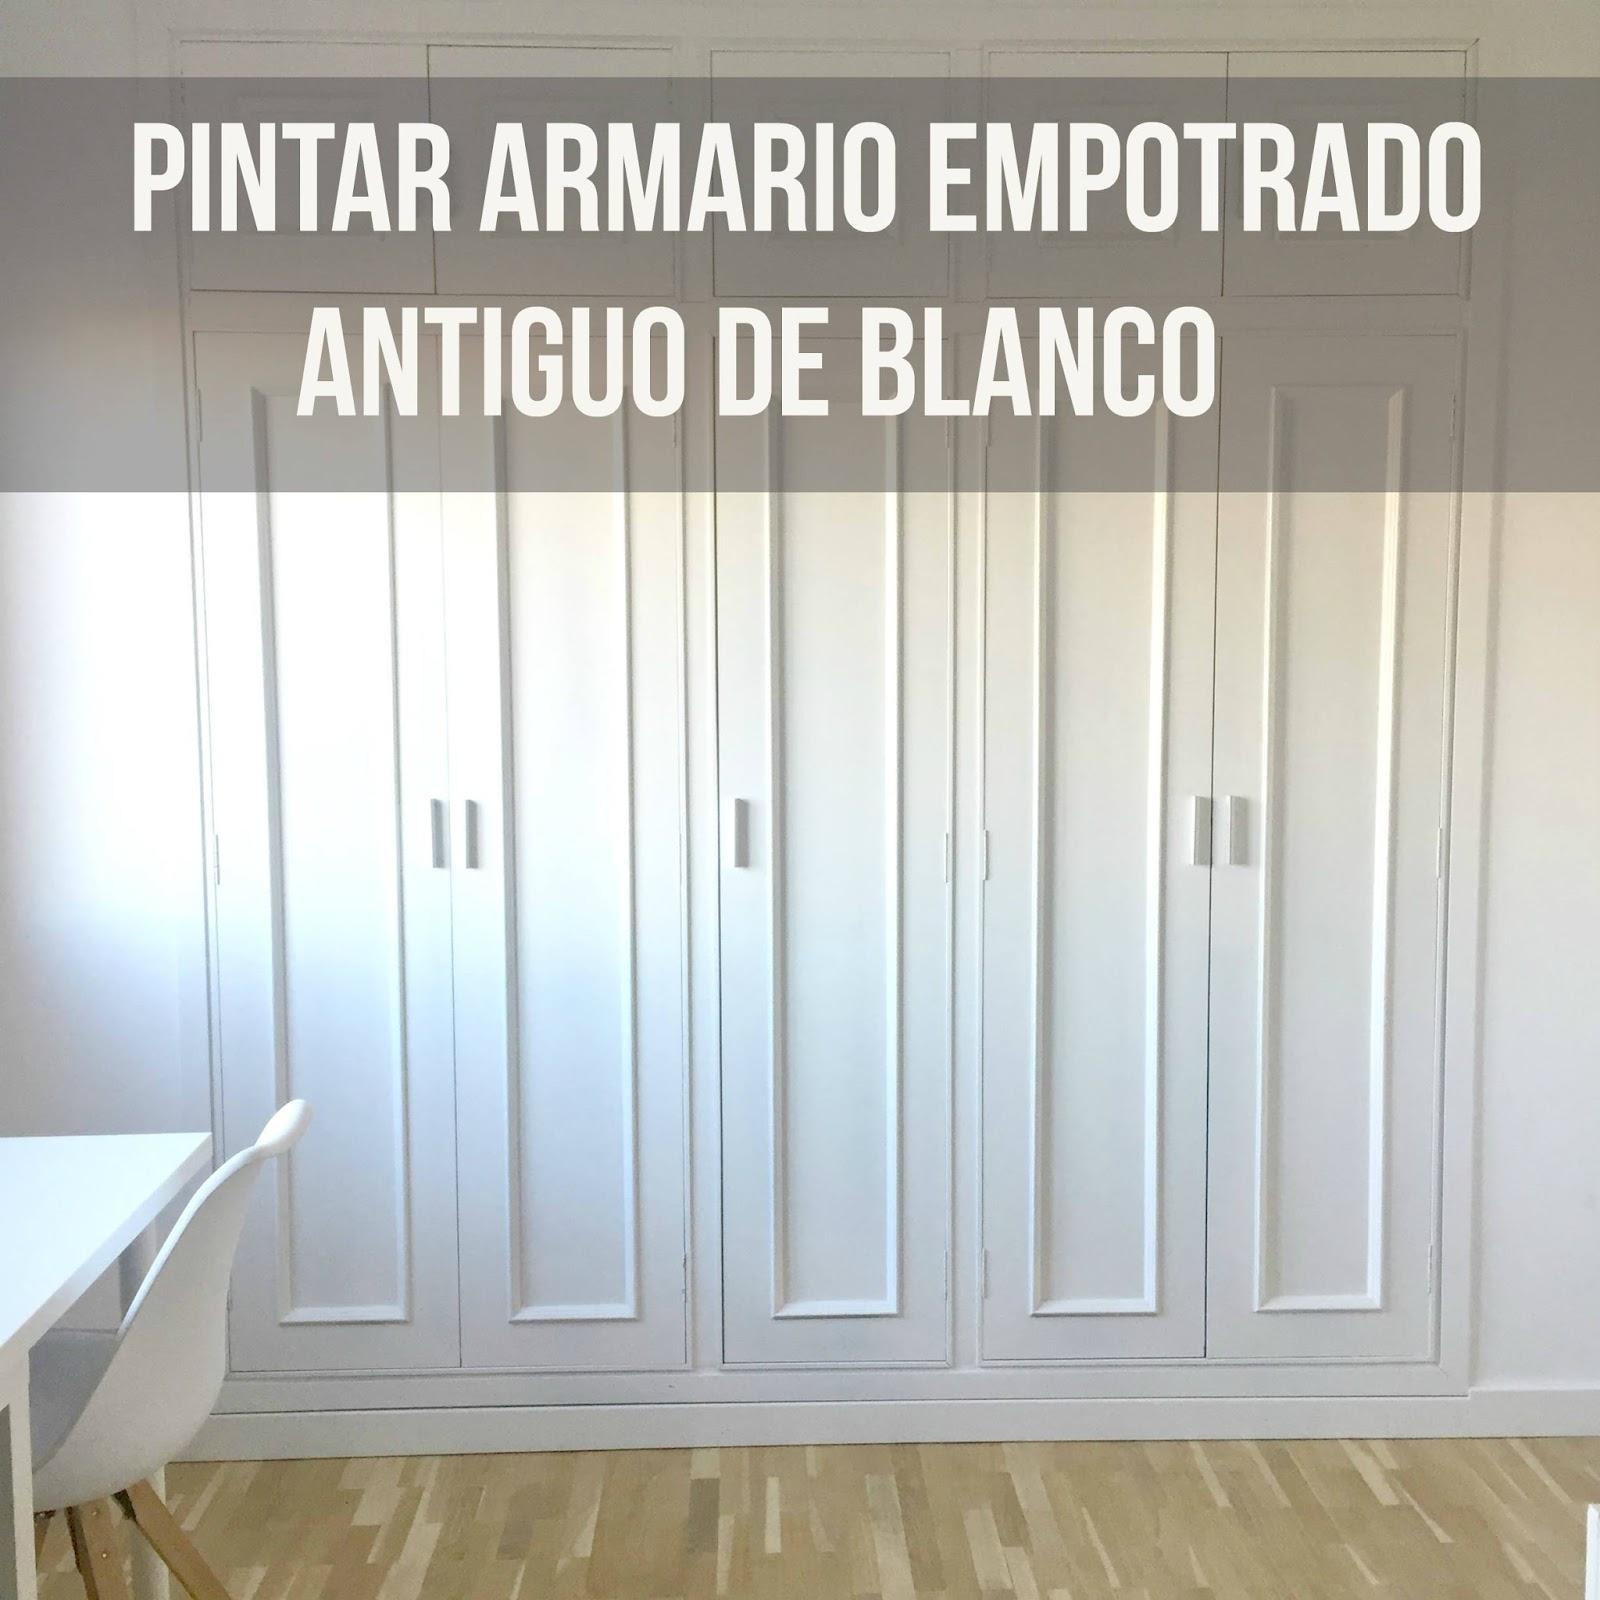 Pintar armarios empotrados antiguos de blanco taller - Pintar puertas de blanco en casa ...